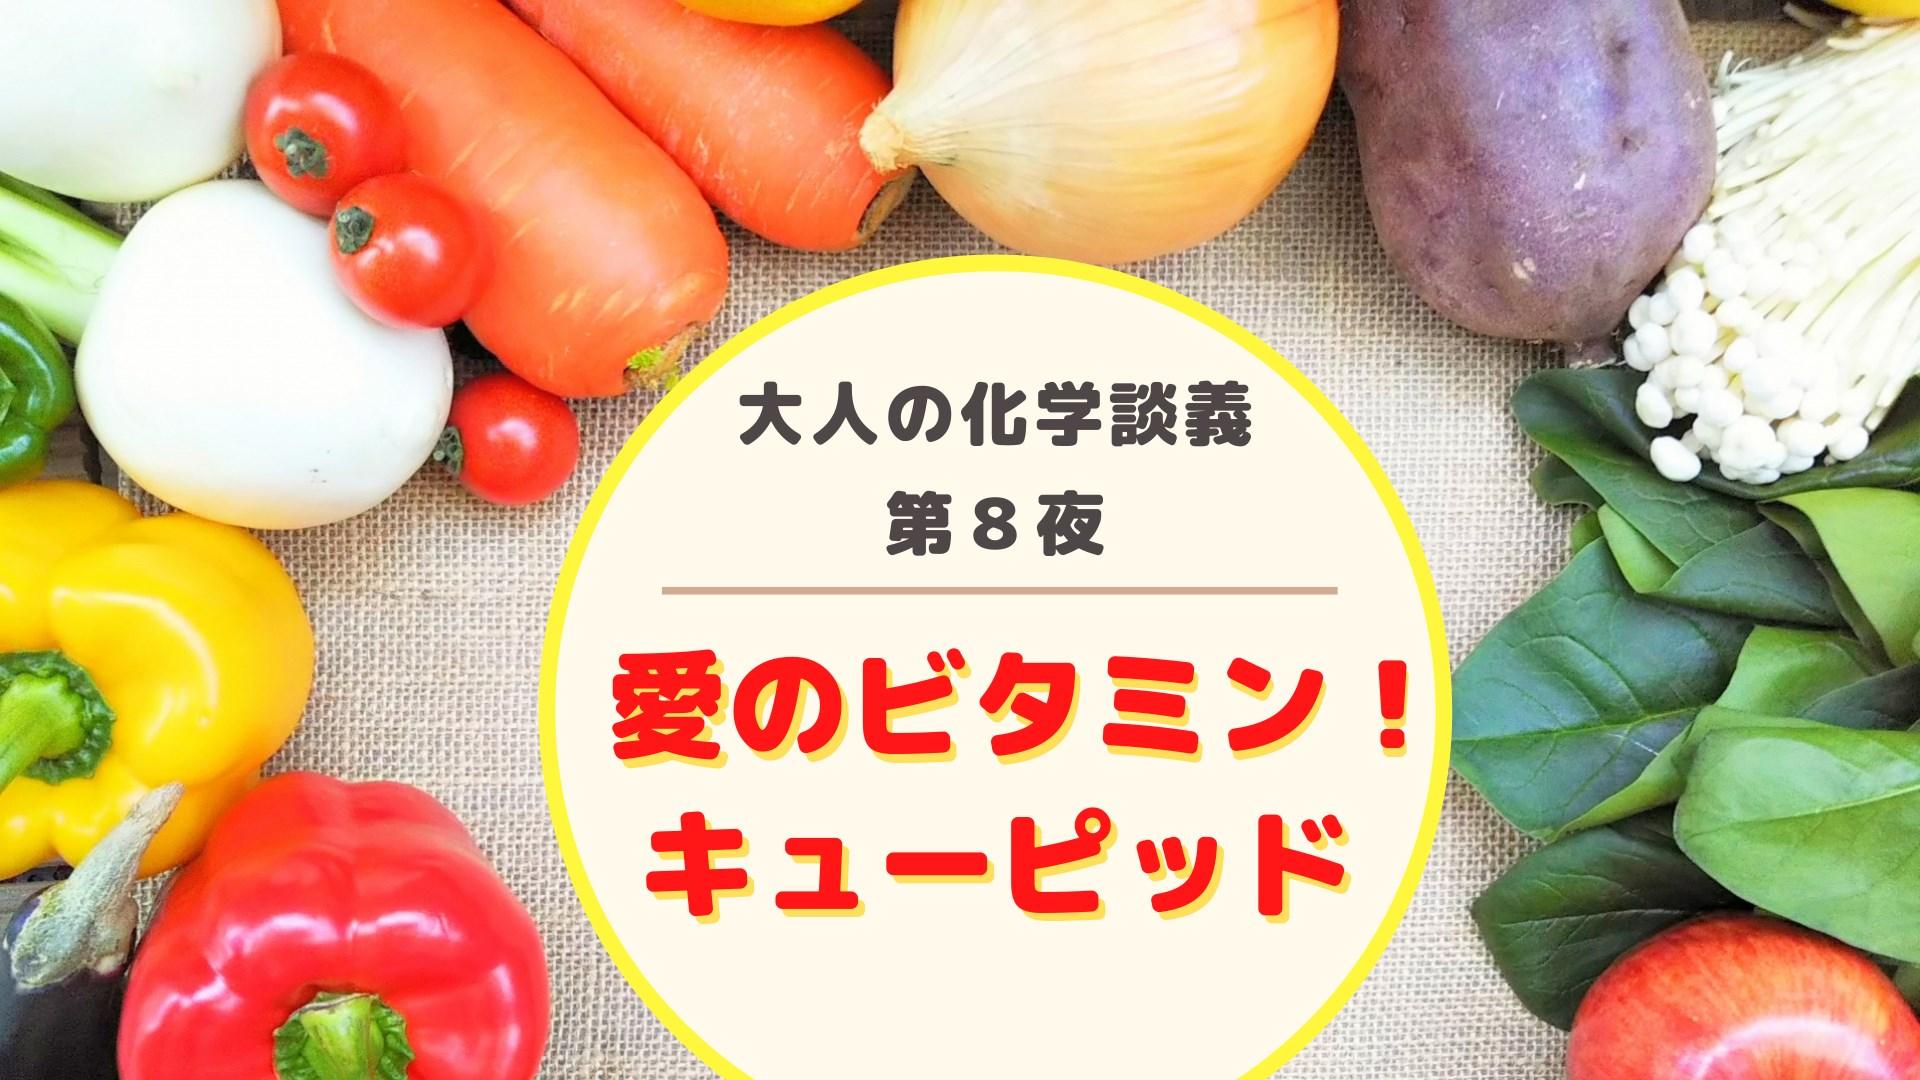 5/3 大人の化学談義 第8夜 愛のビタミン!キューピッド